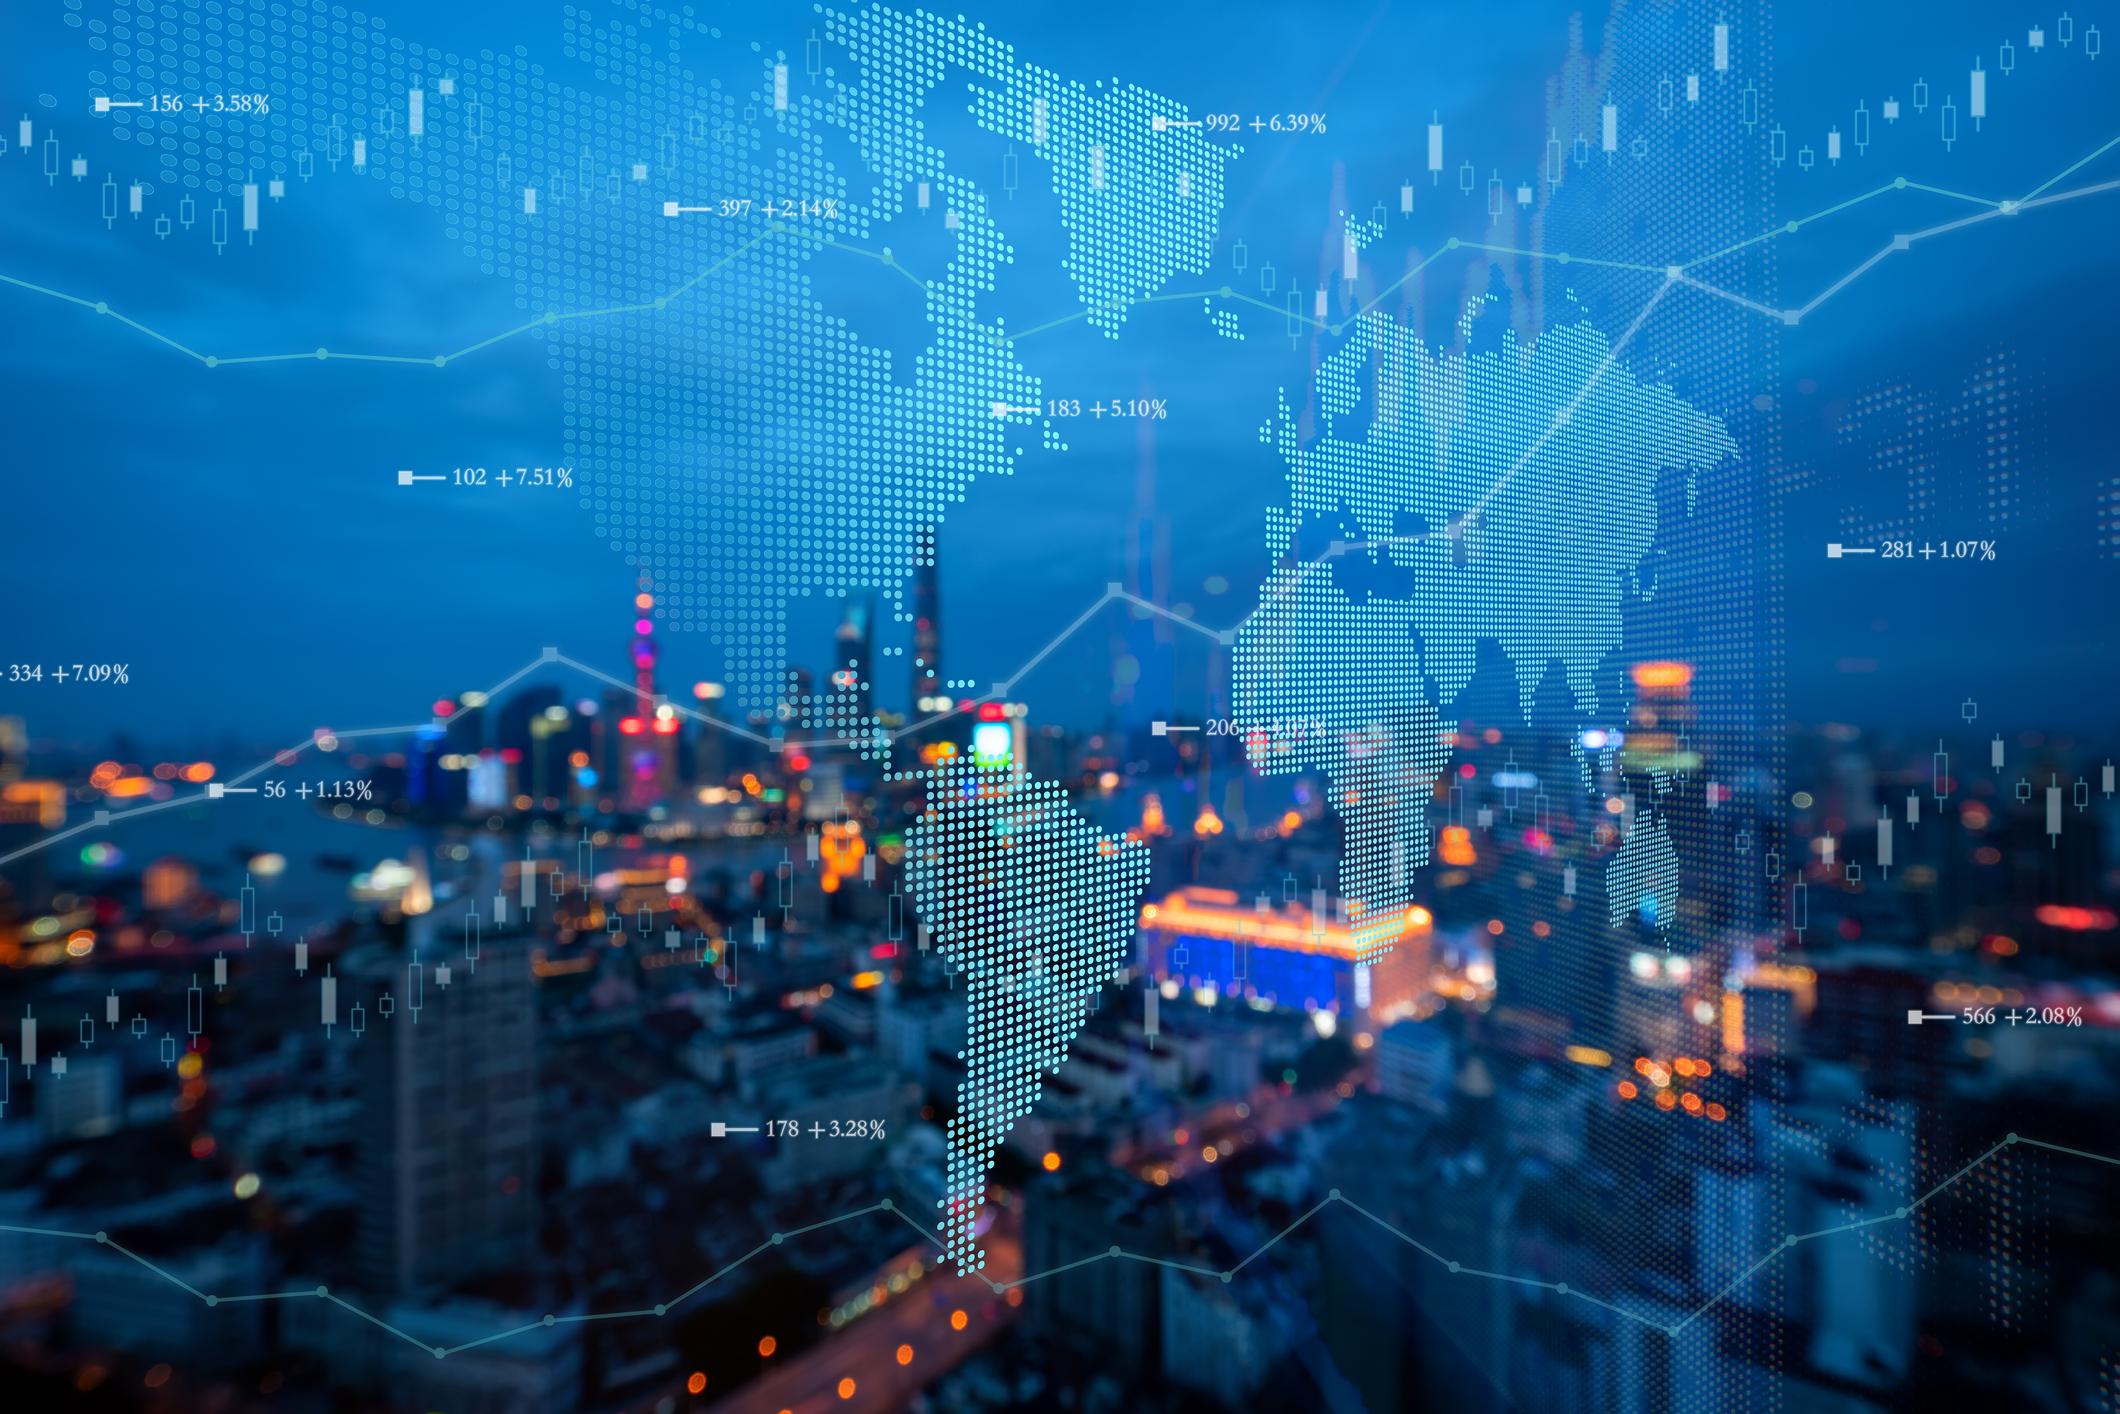 5 trenduri digitale generate de pandemie, care se vor manifesta și în viitor